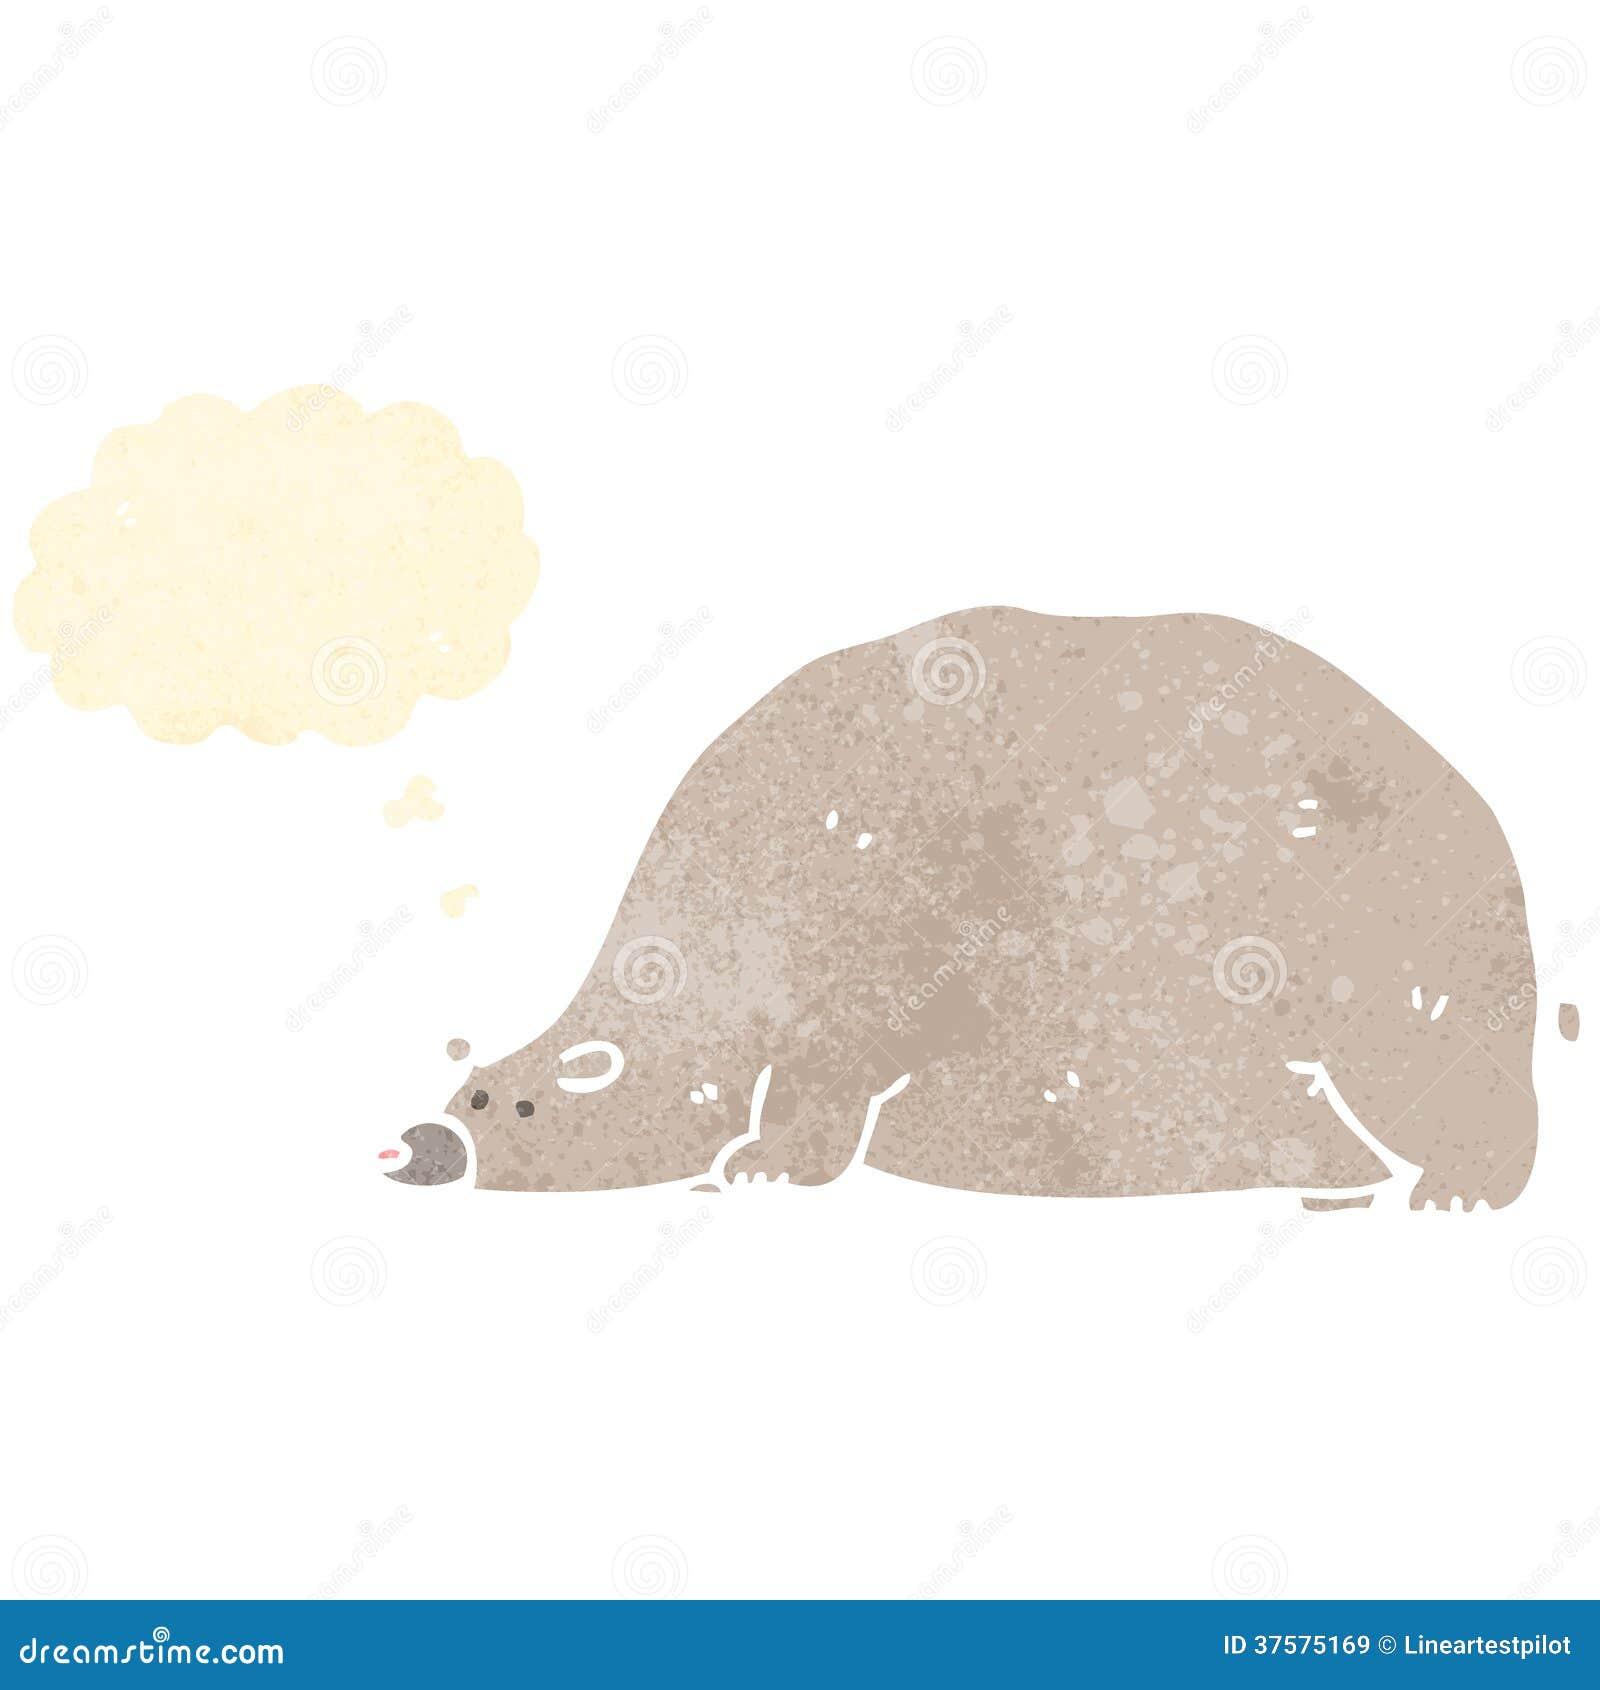 Image Result For Polar Bear Cartoon